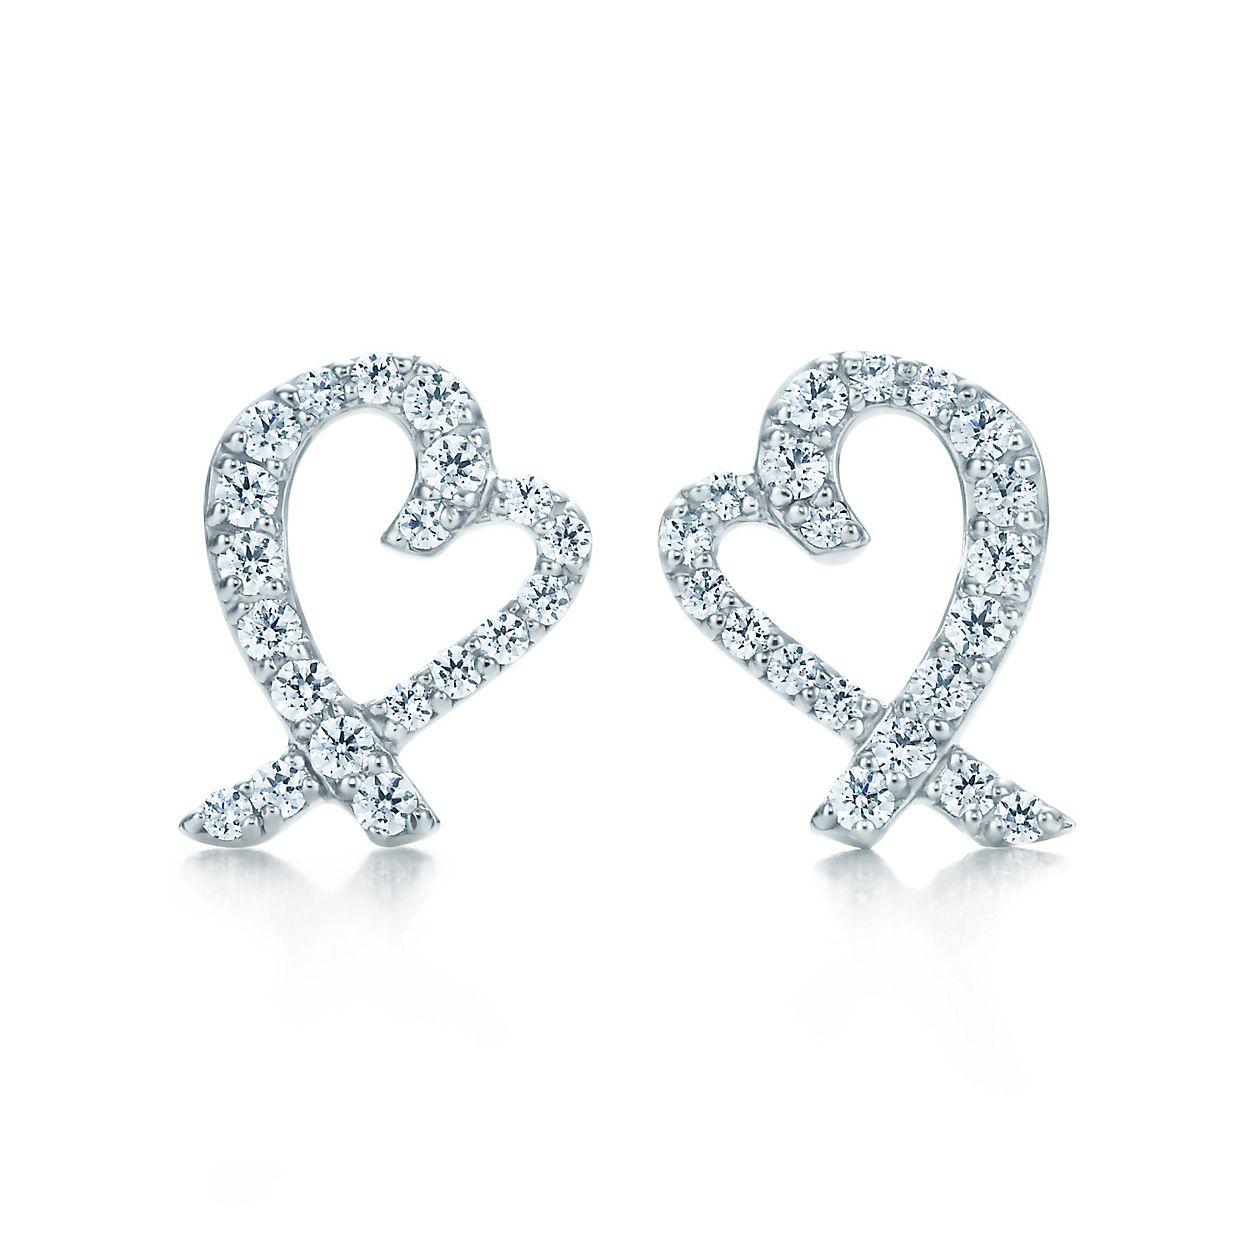 Paloma Pico Loving Heart Earrings